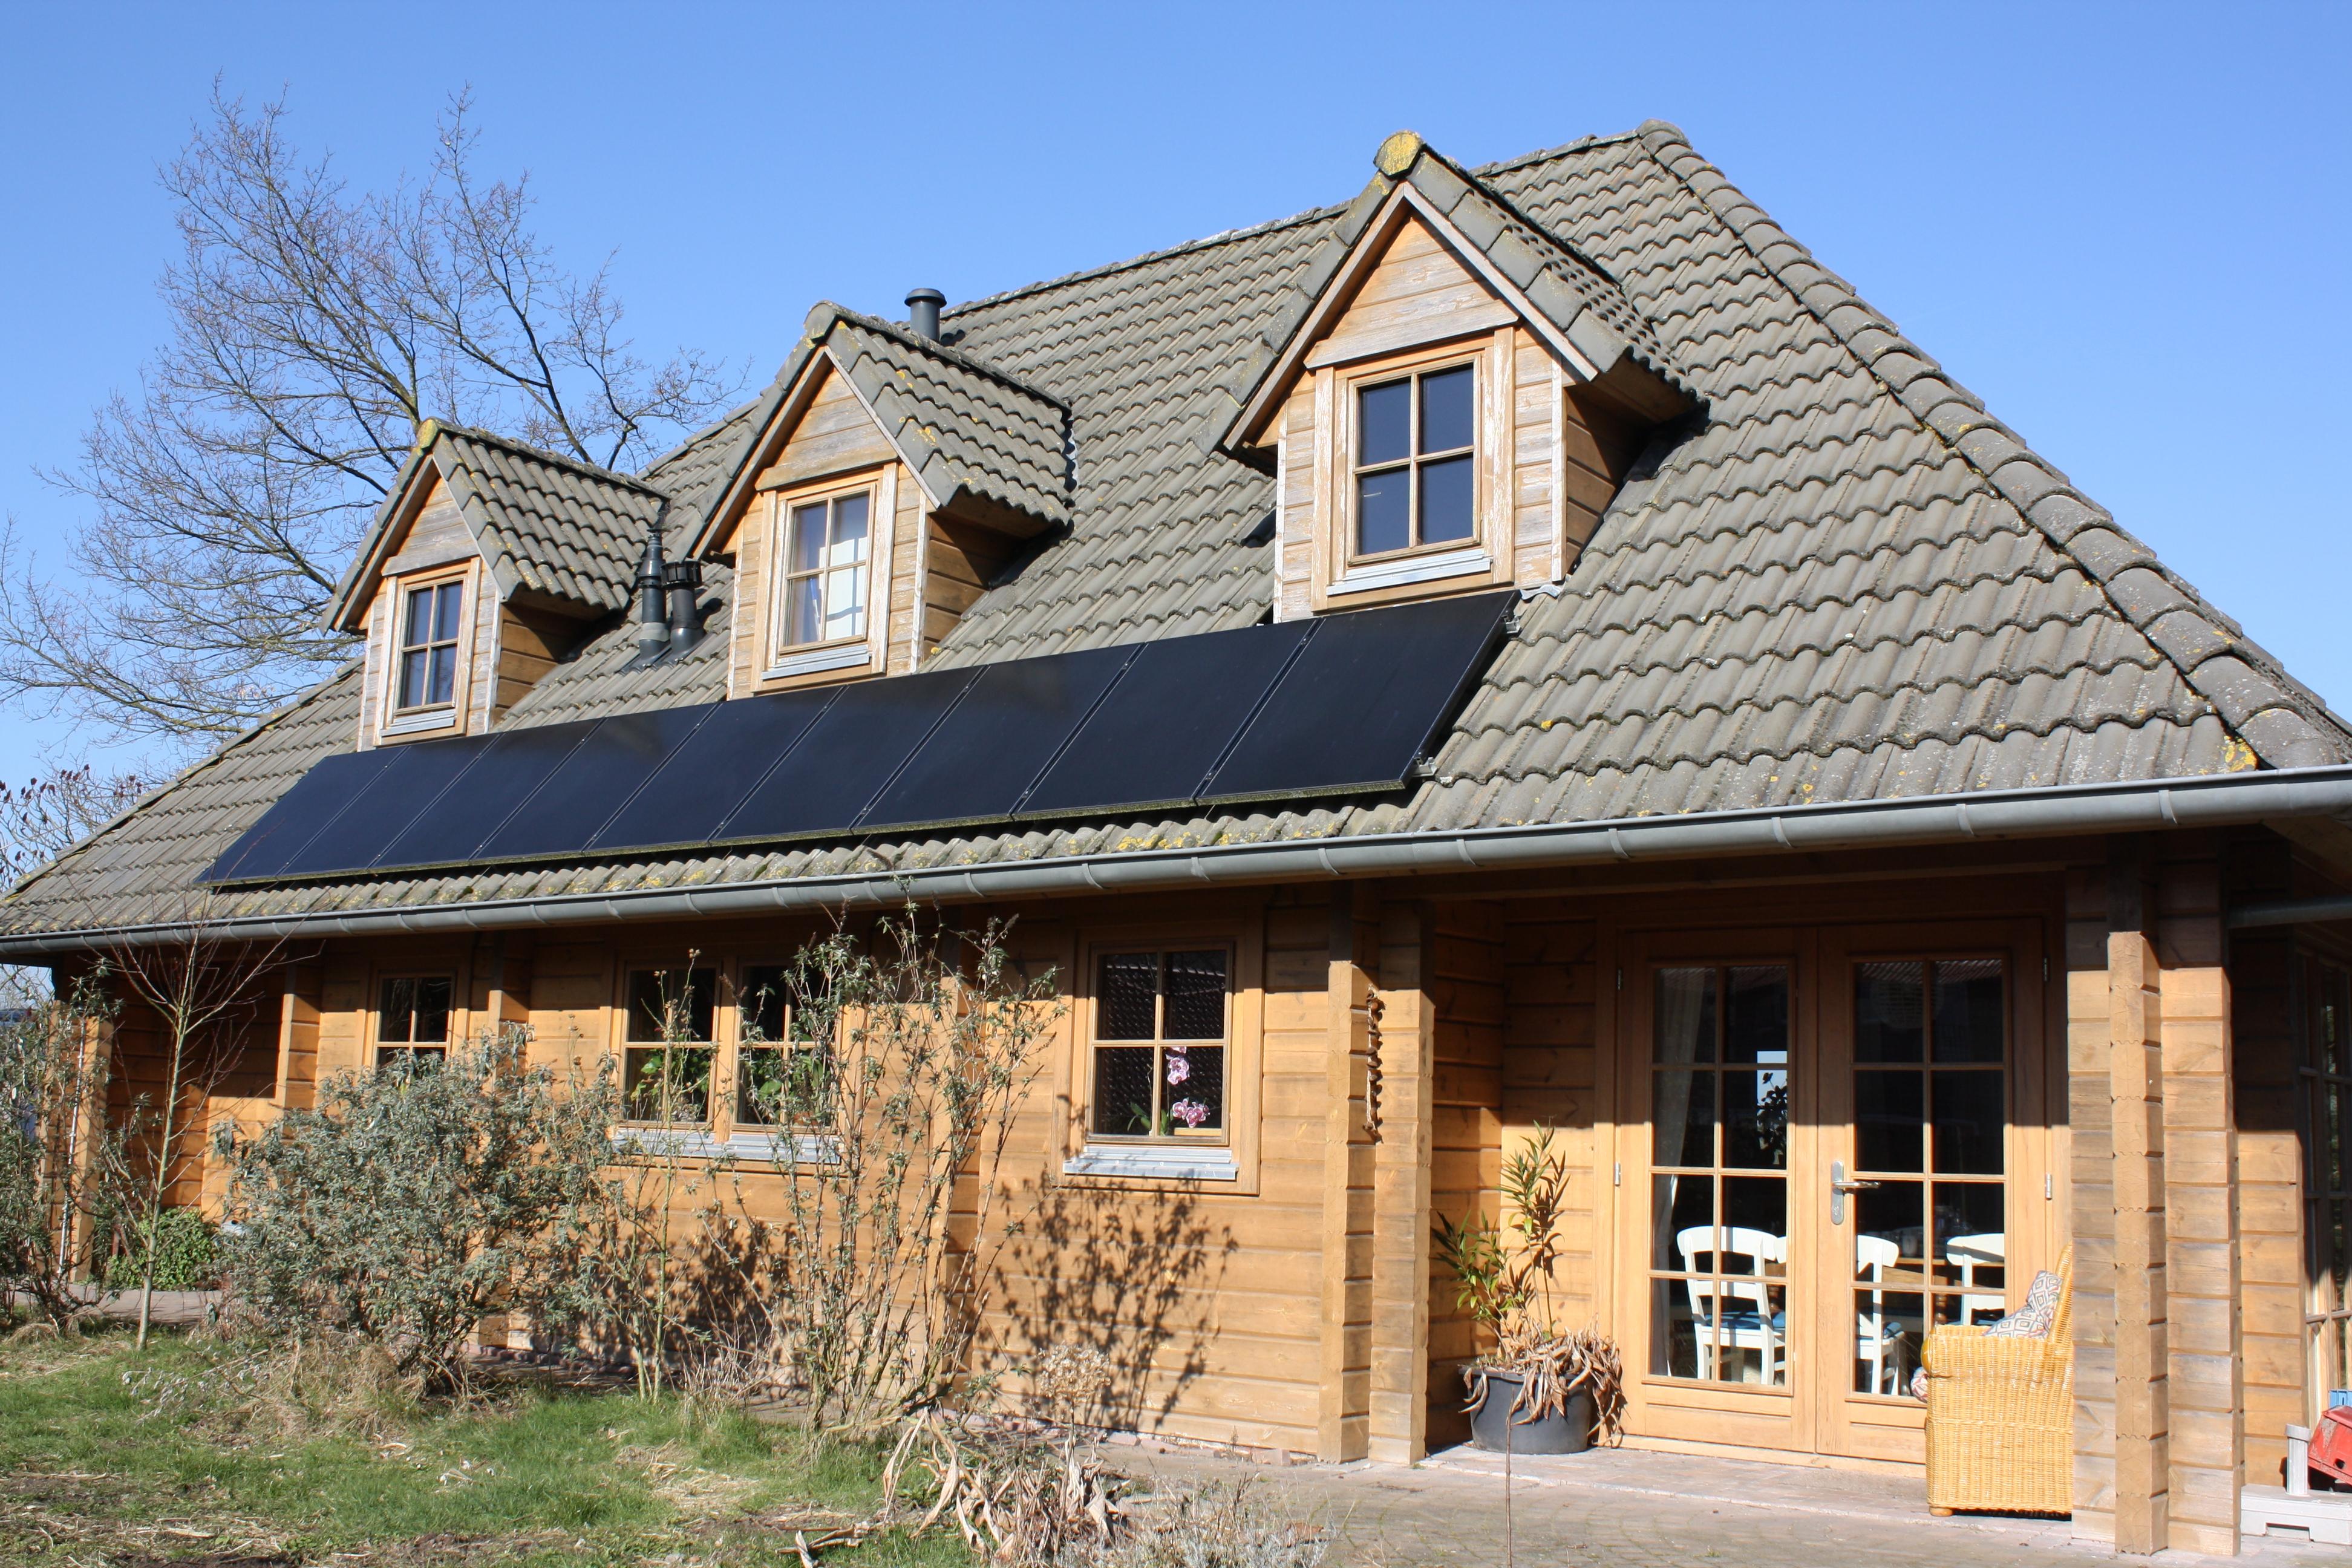 Houten Huizen Prijzen : Het houten huis